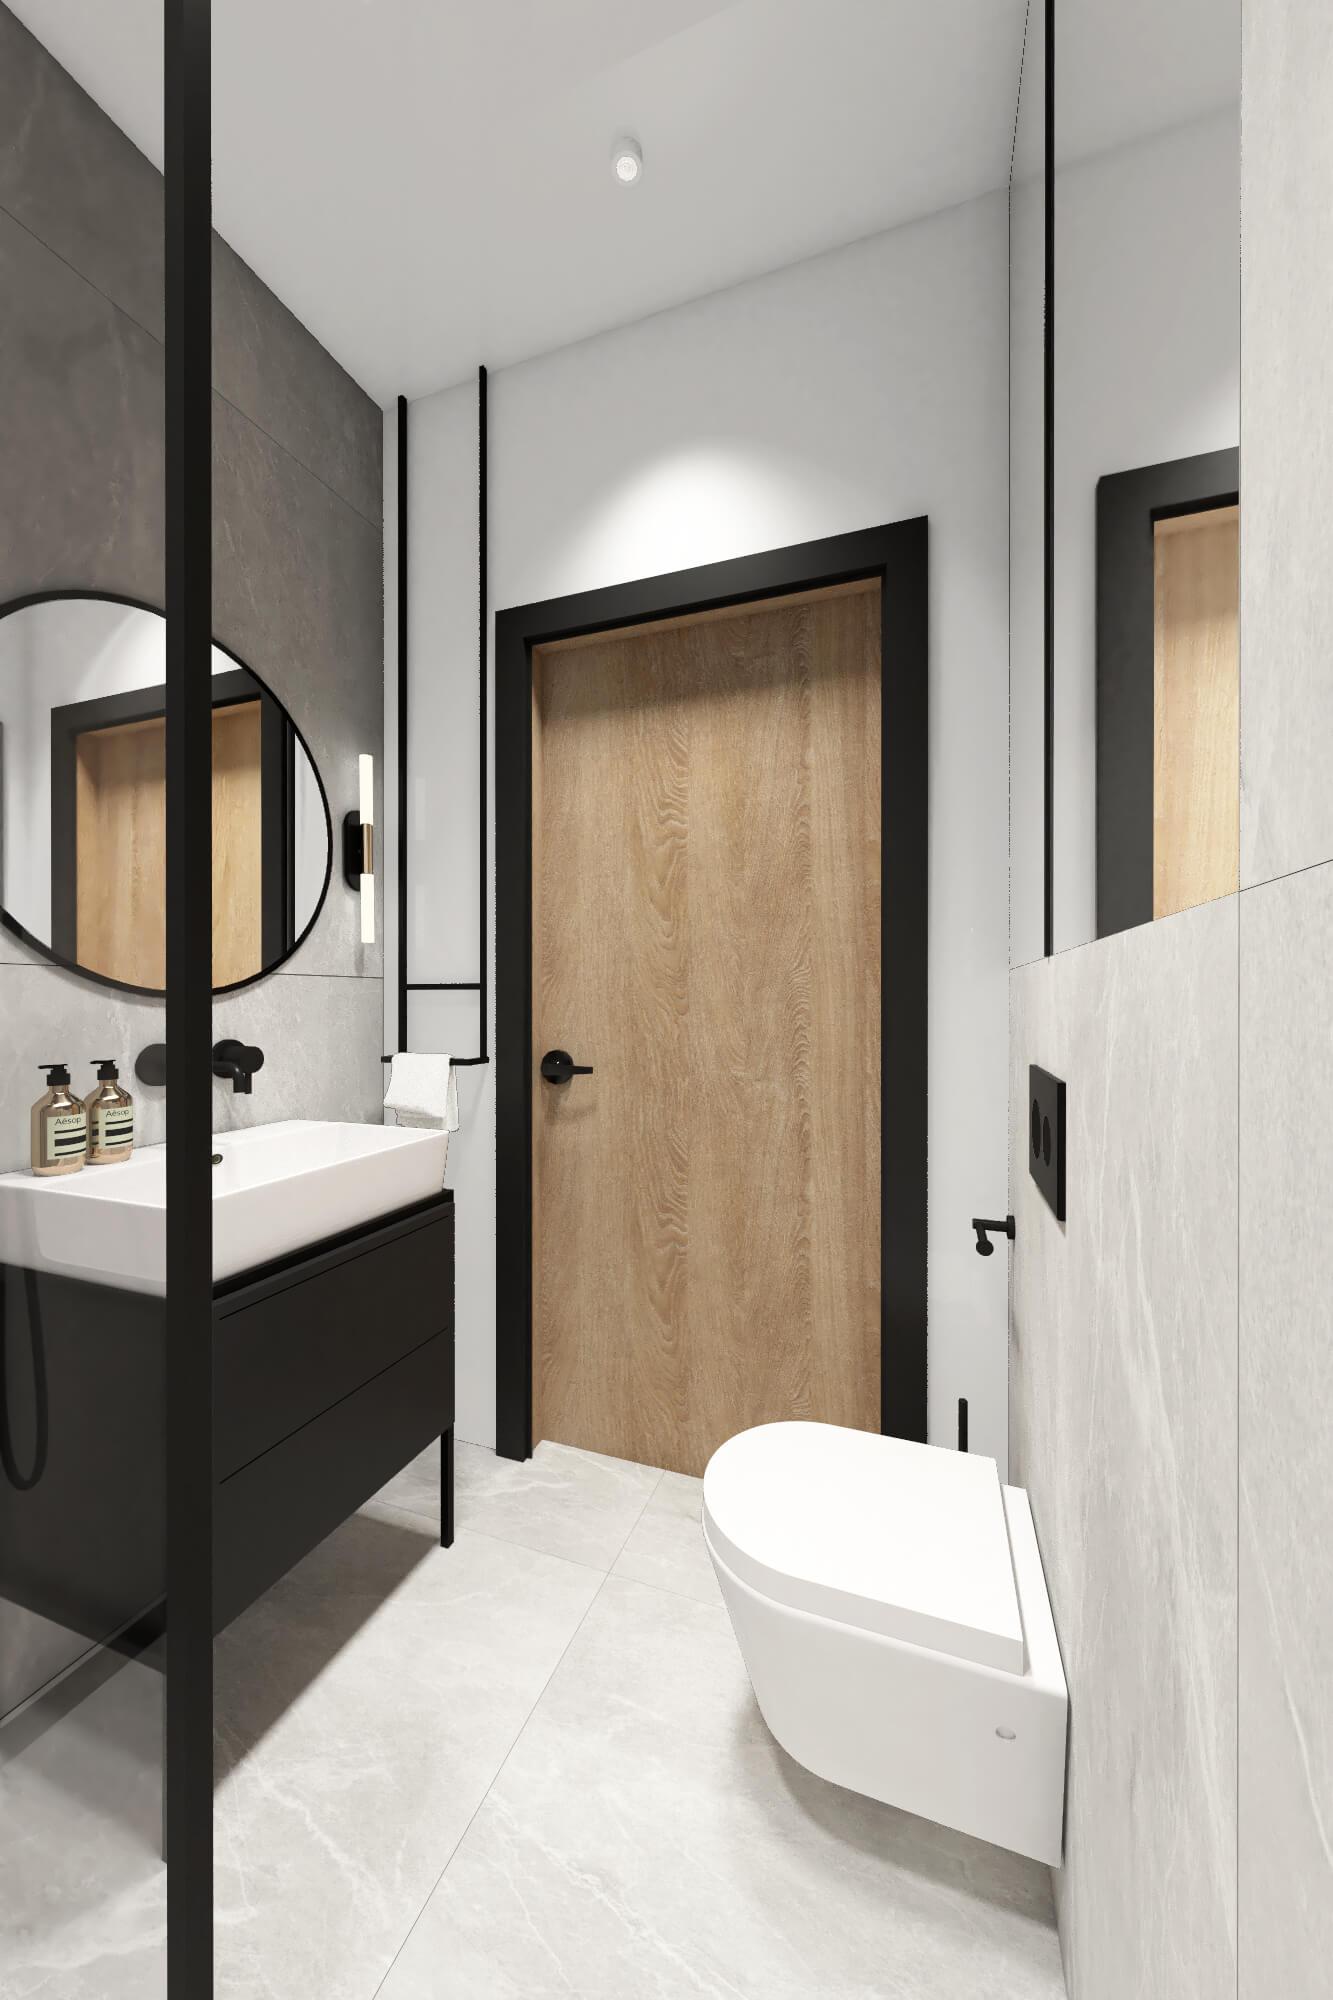 mała łazienka z okrągłym lustrem